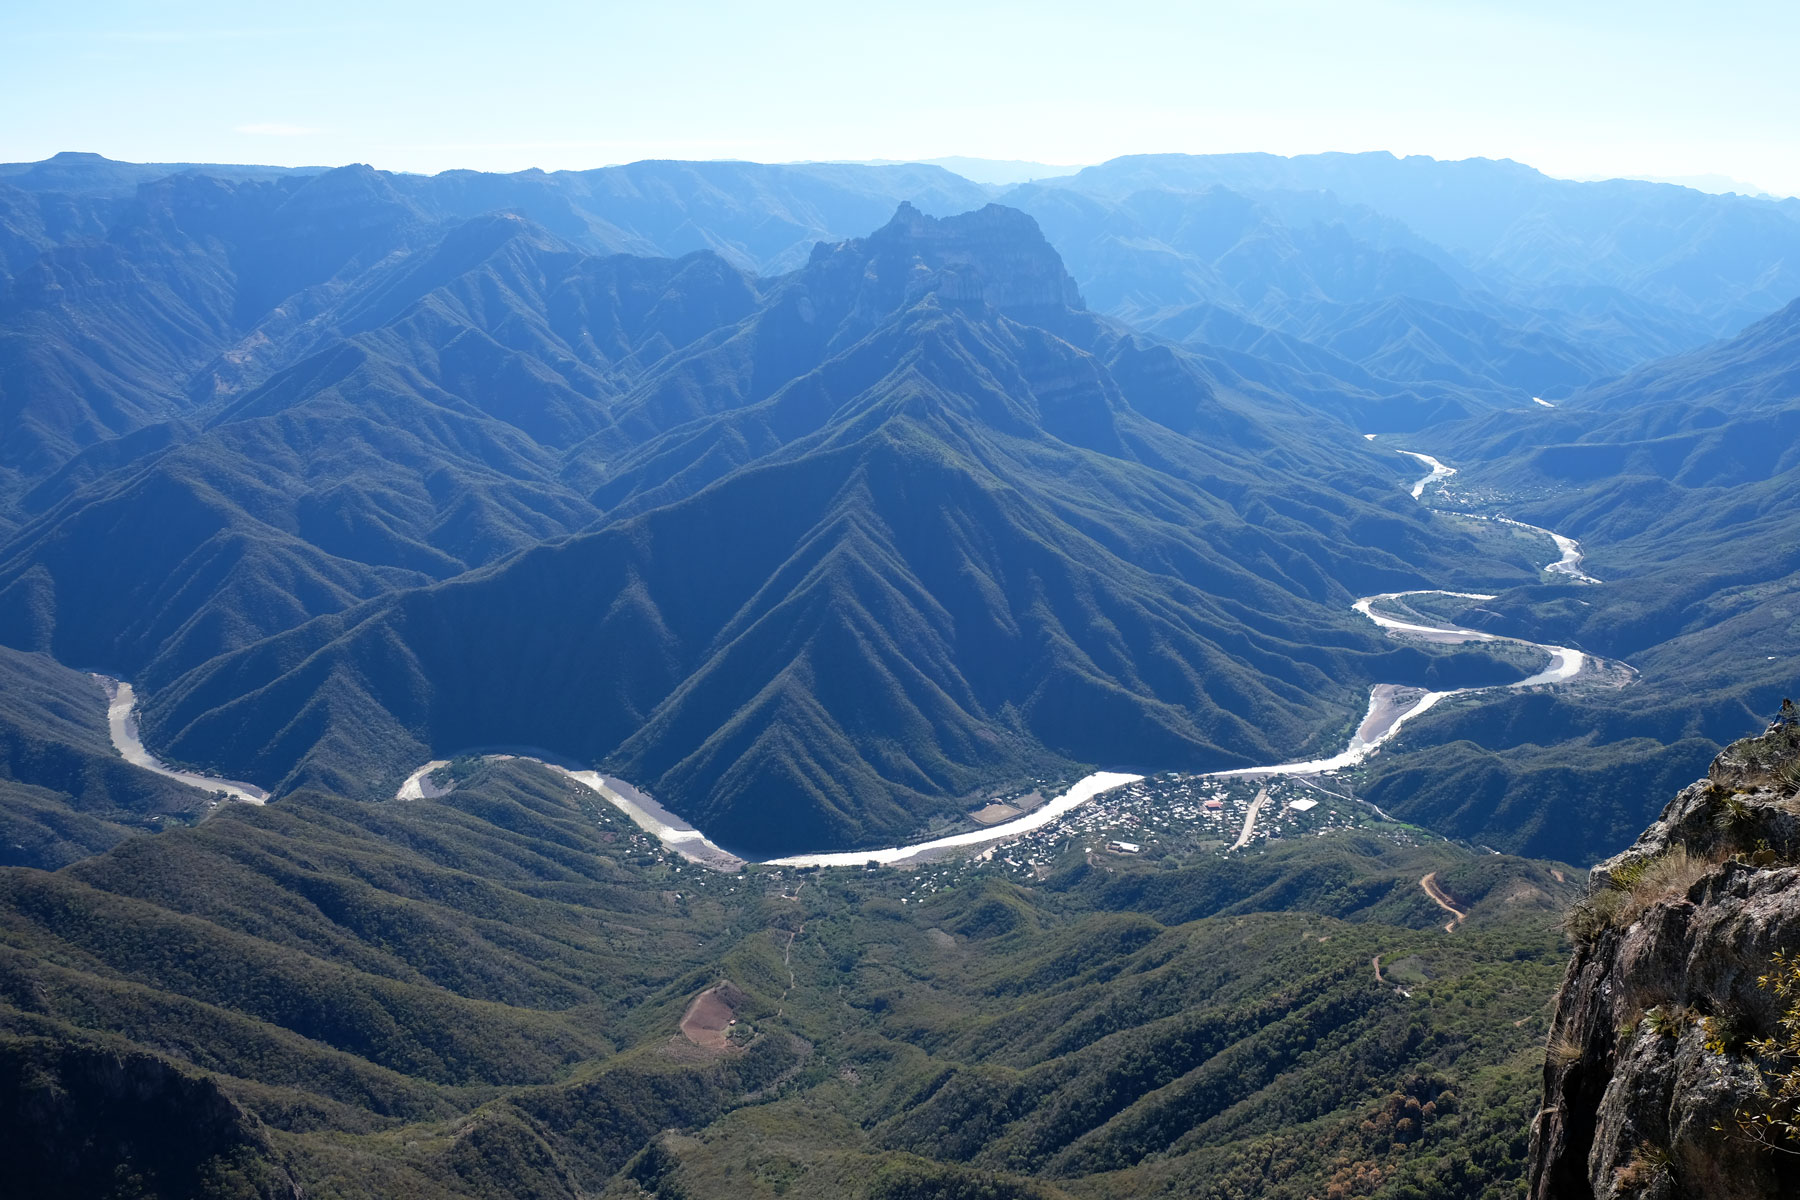 Blick auf das Dorf Urique in Mexiko.